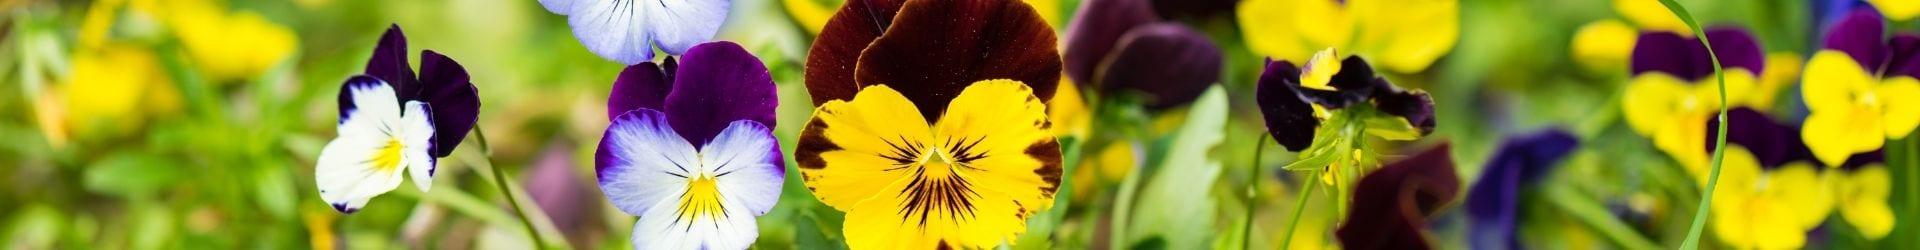 פרחי חורף